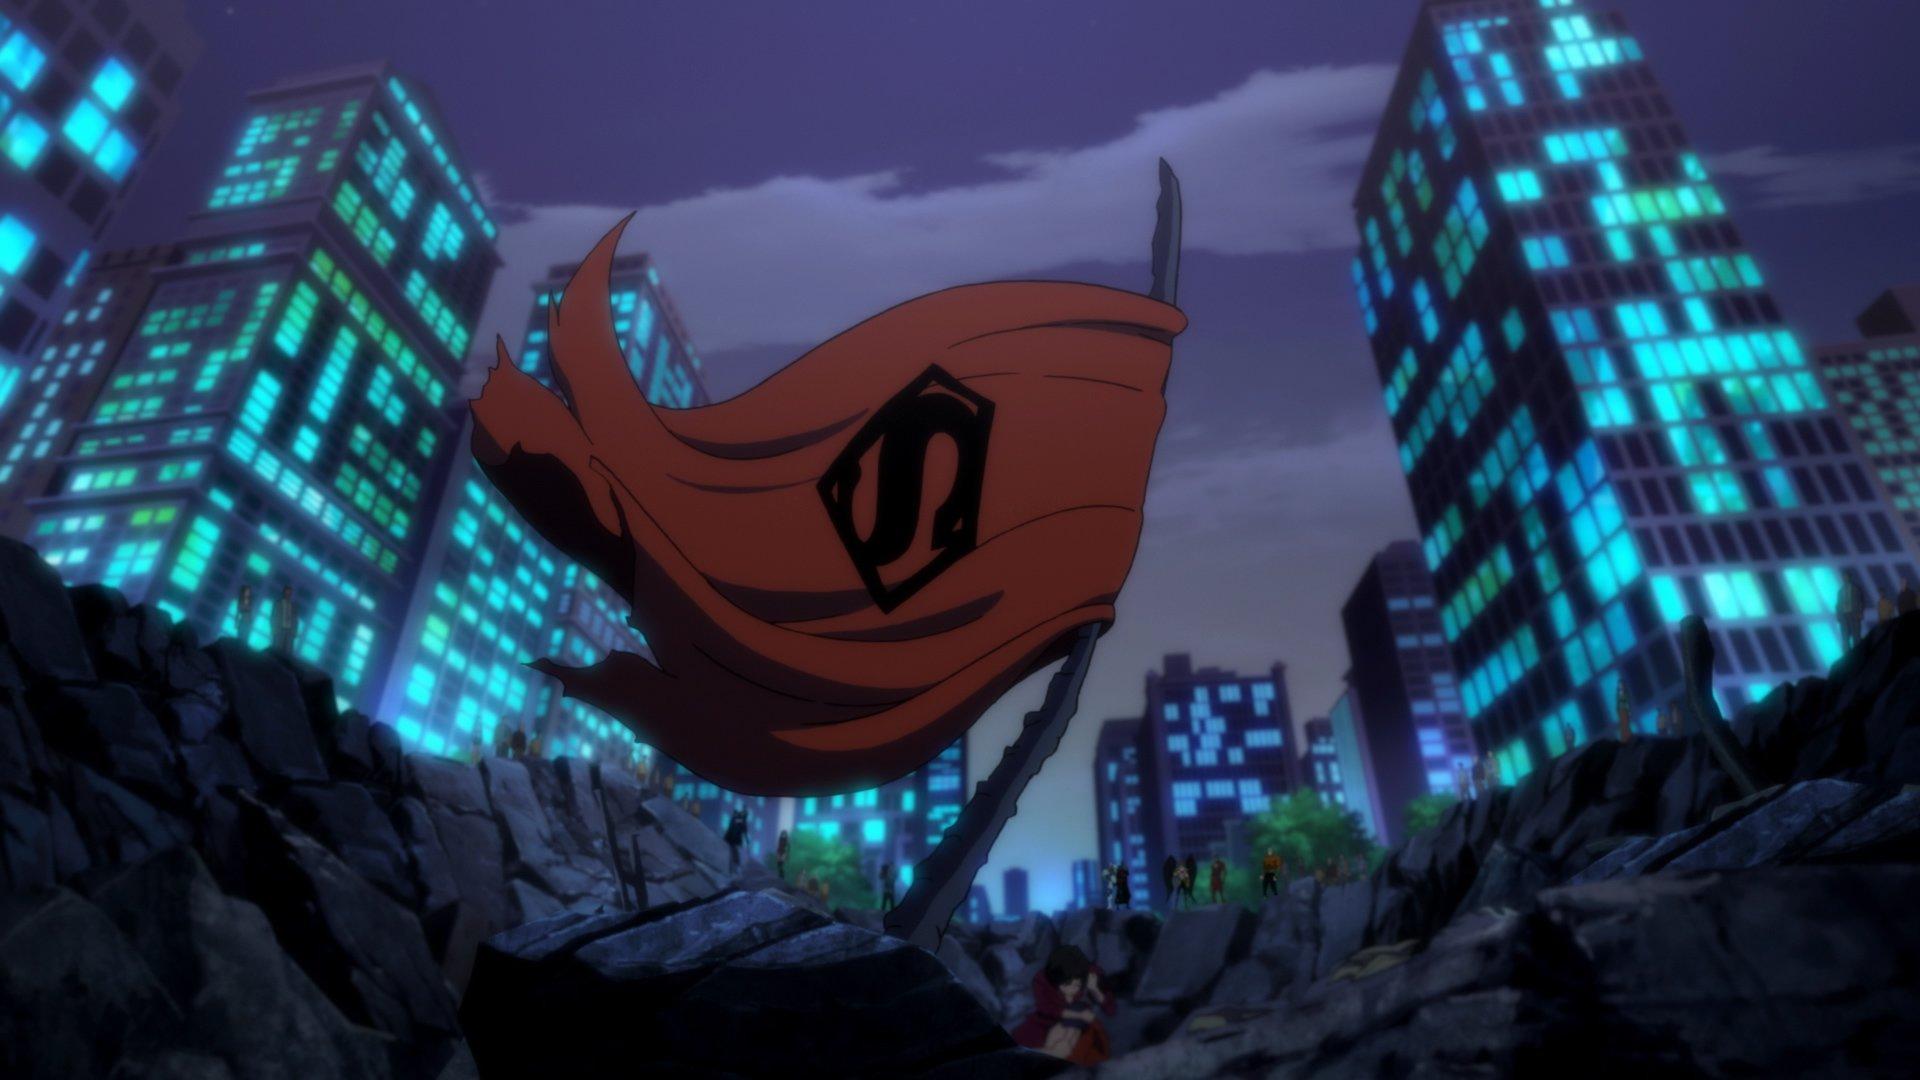 [ANIMACIÓN] La muerte de Superman y el Reinado de los Supermanes DeathofSuperman-AnimatedMovie1